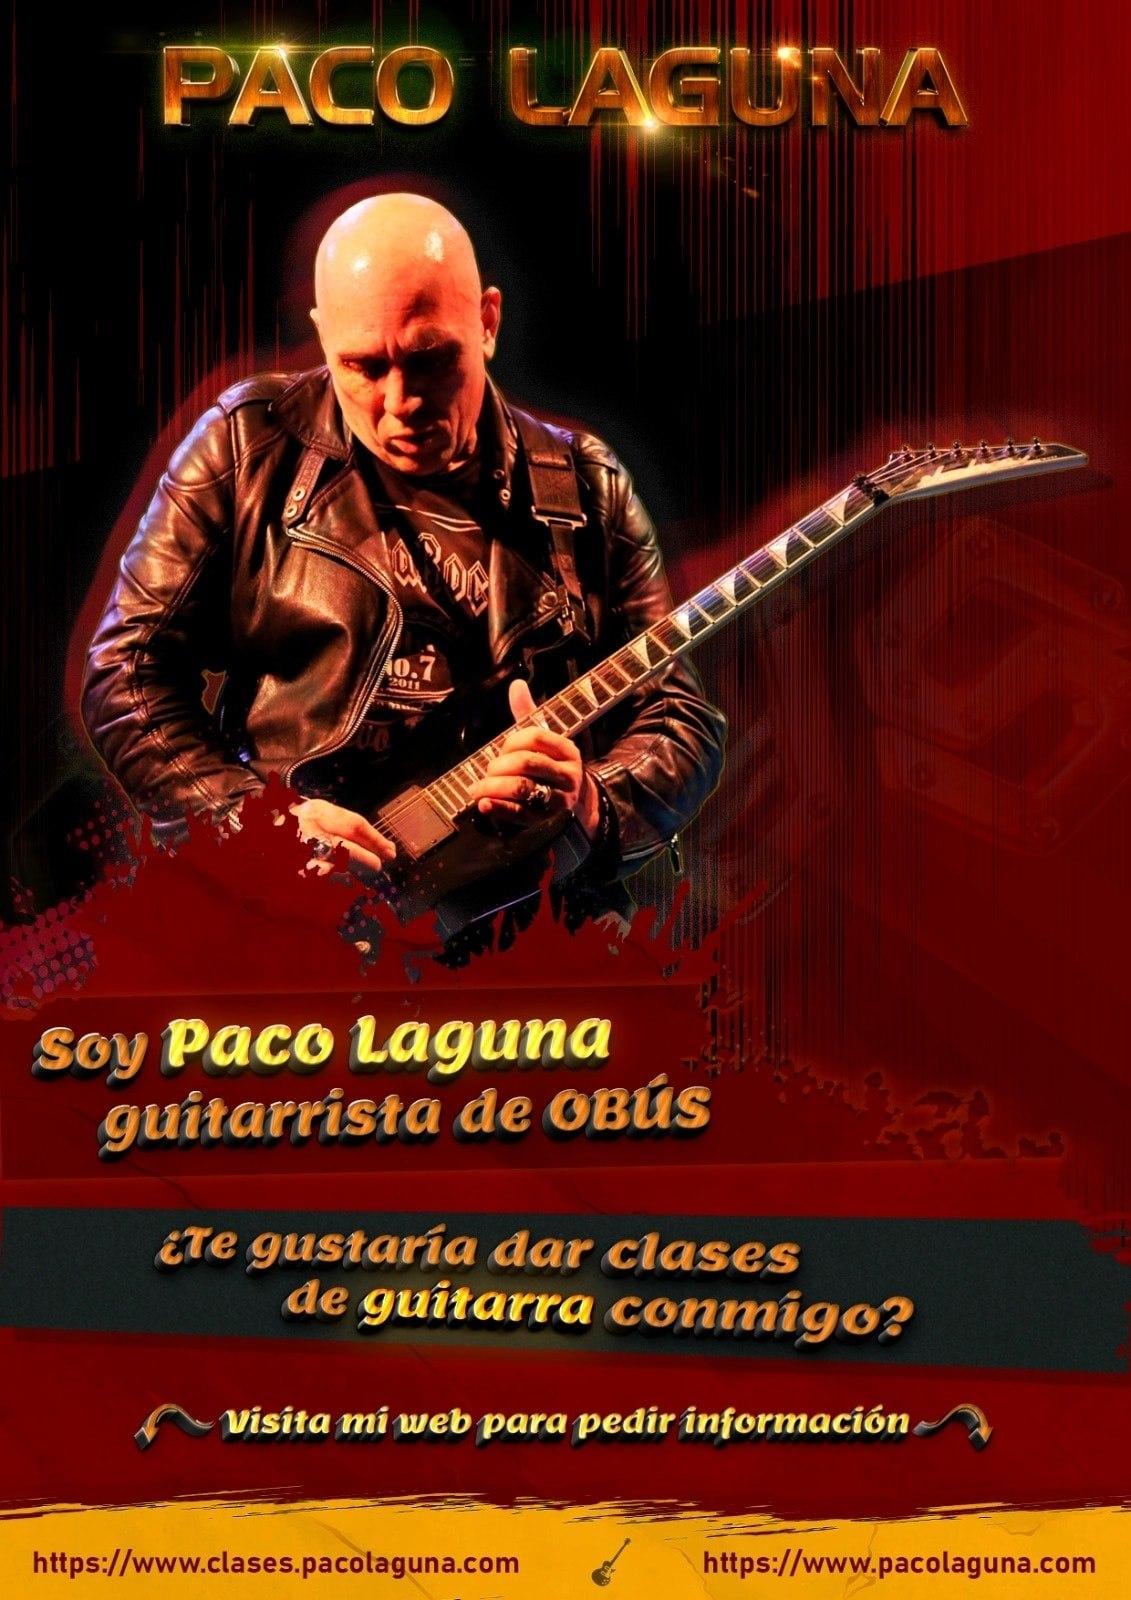 Clases de guitarra con Paco Laguna